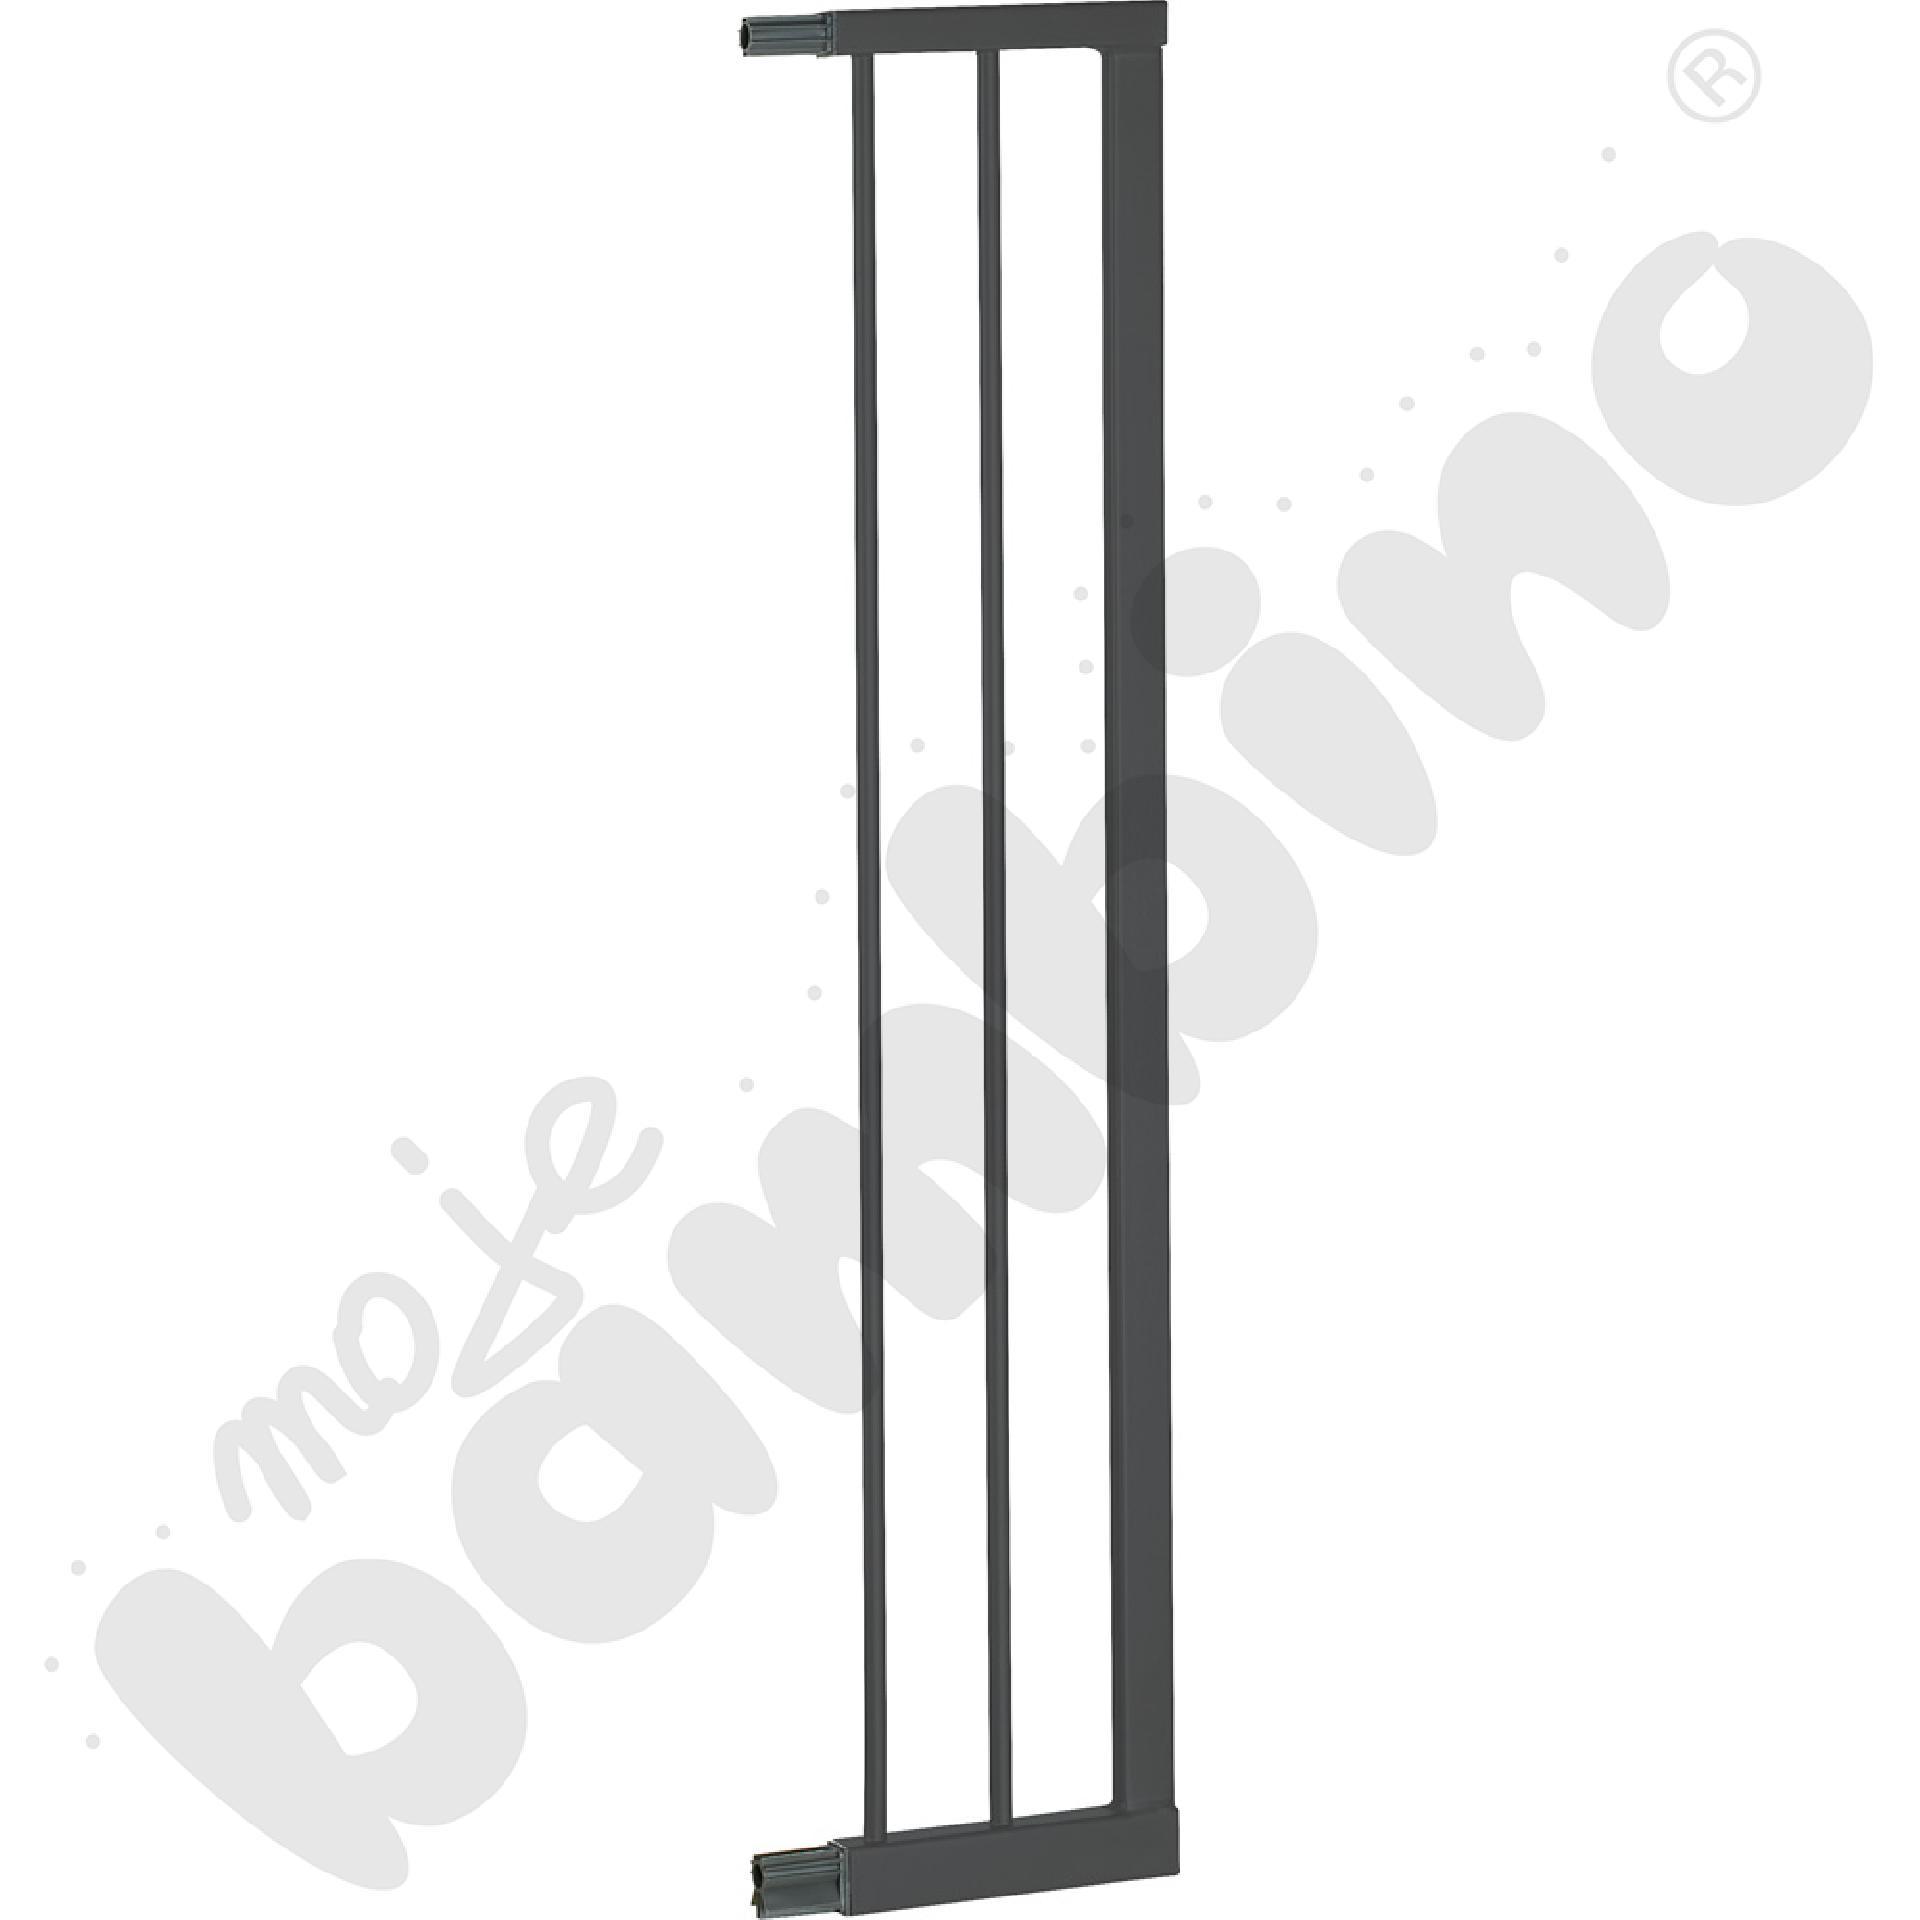 Przedłużka do bramki, szer. 16 cm, srebrna